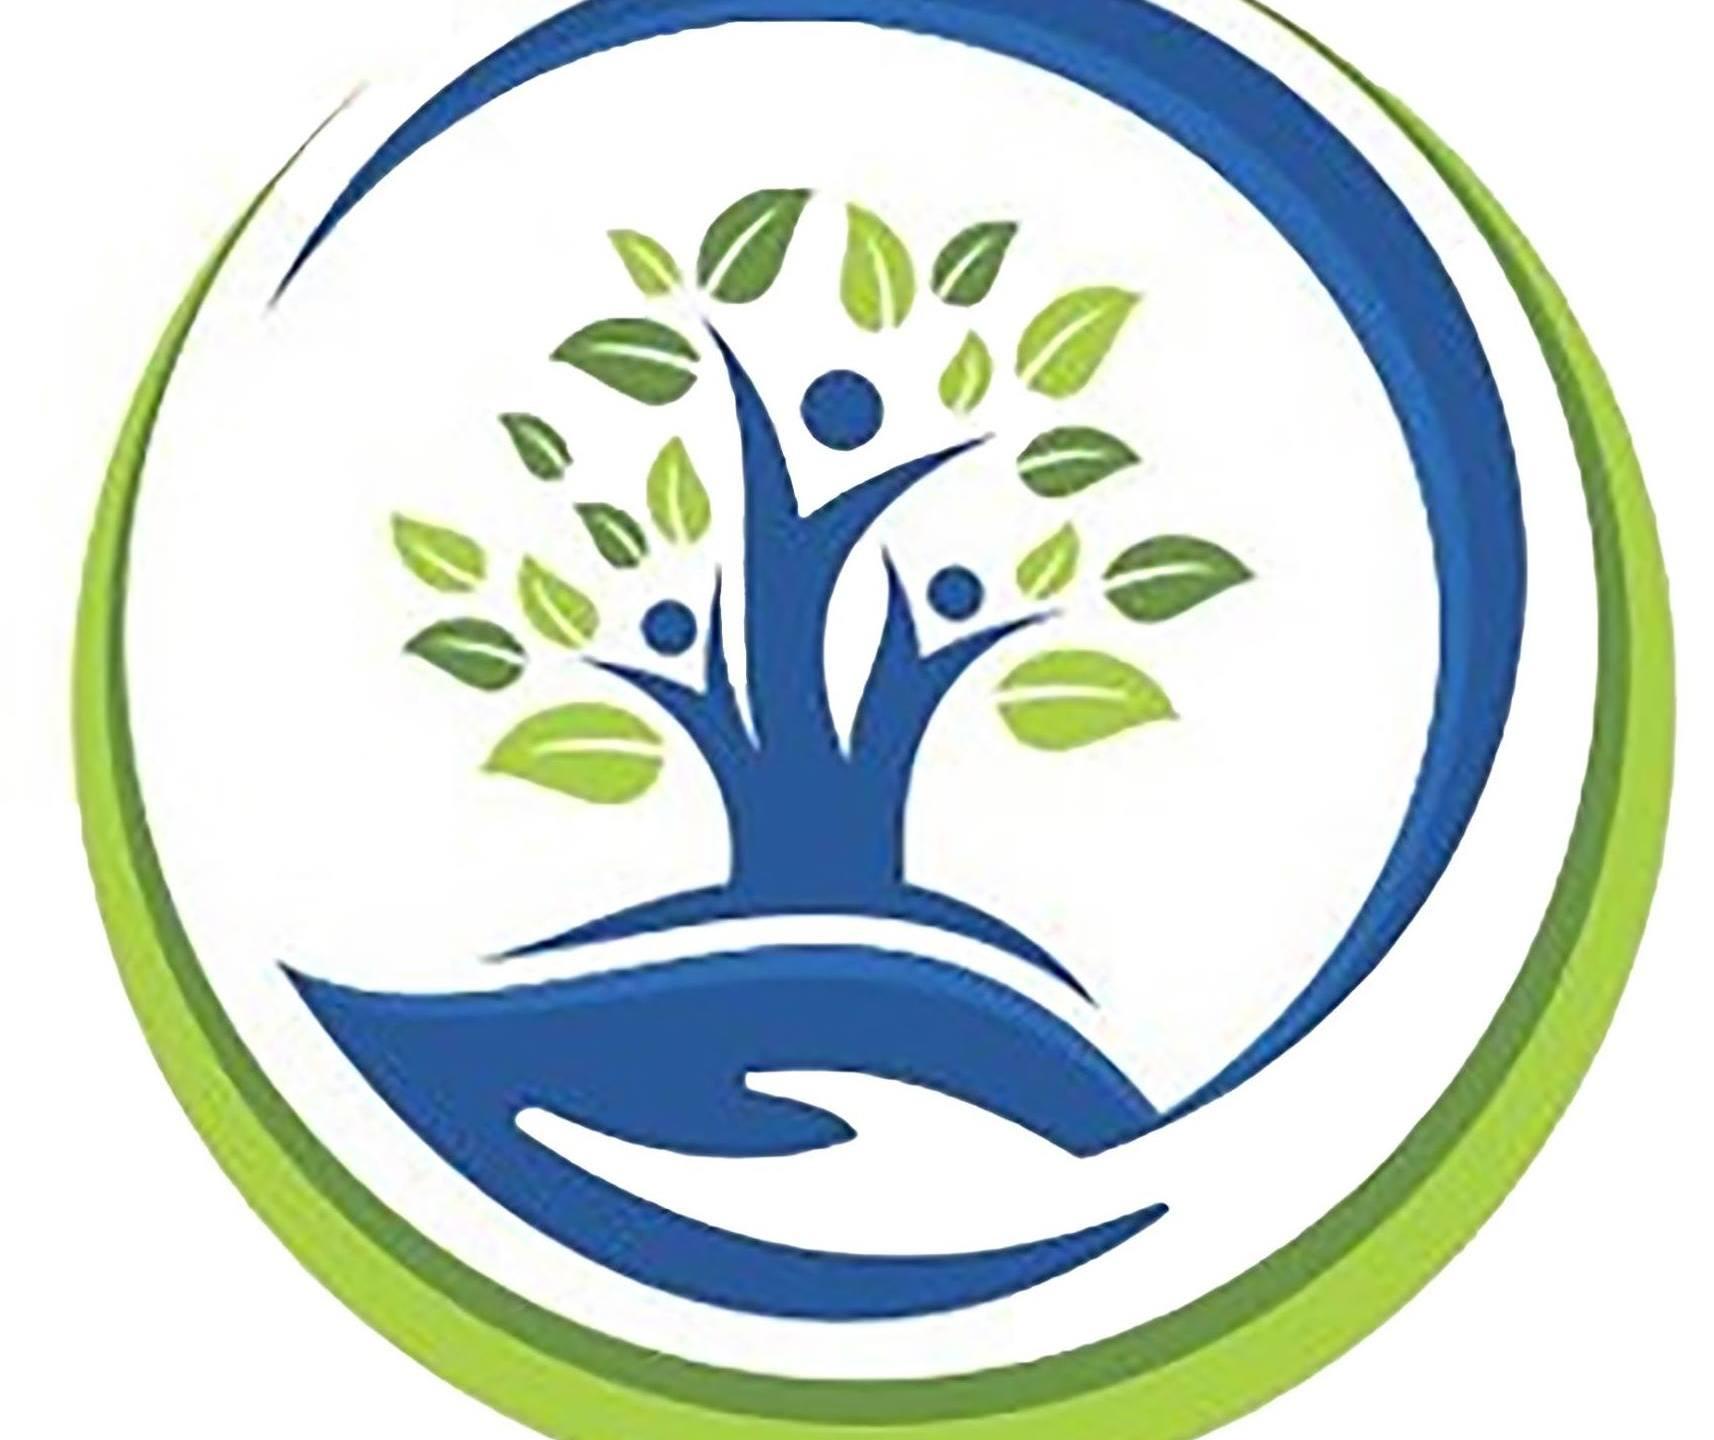 FAMILY SUPPORT SERVICES LOGO_1557171278164.jpg.jpg